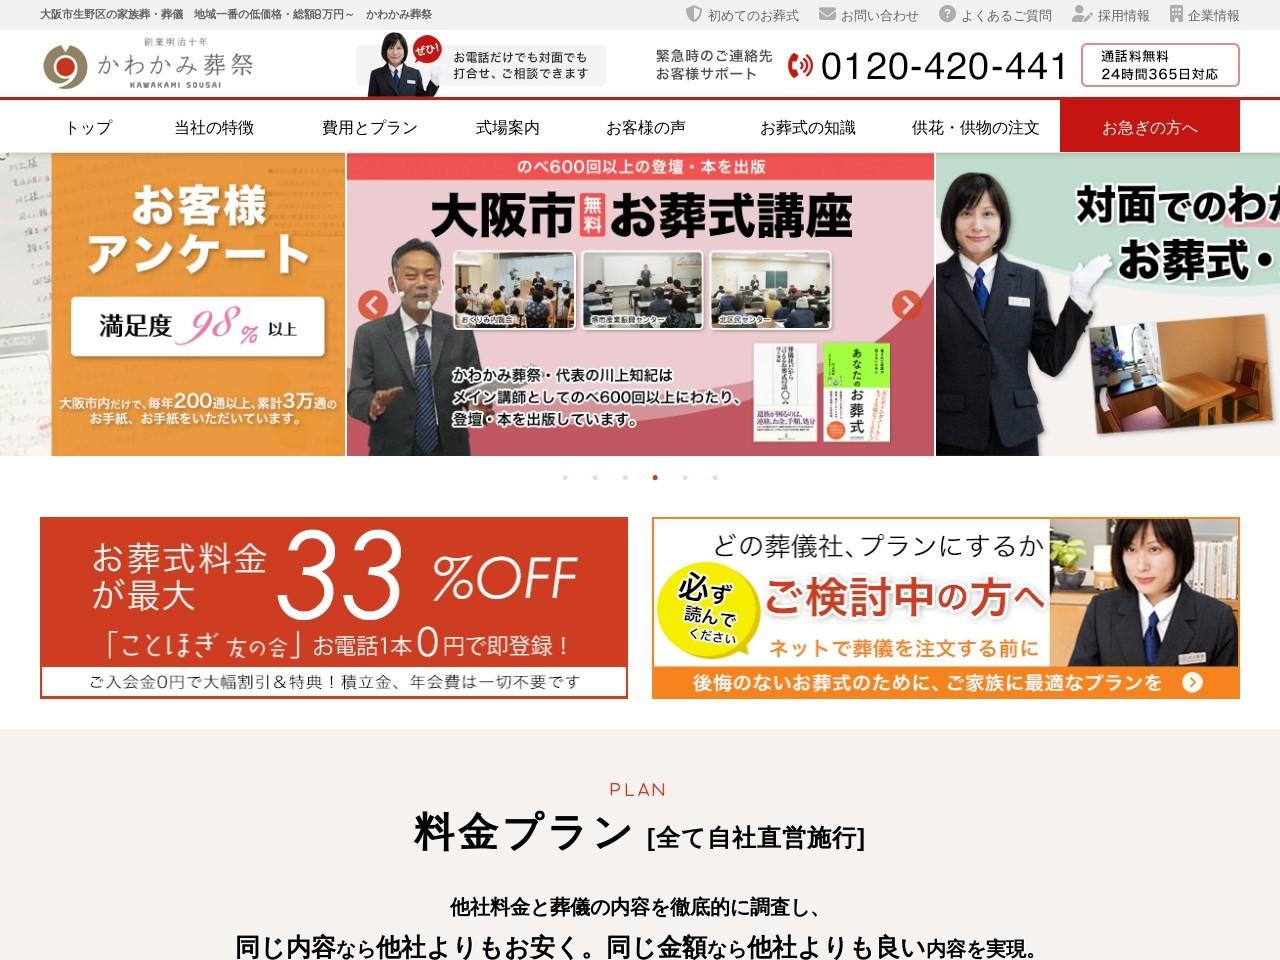 大阪の老舗葬儀社 創業130余年 大阪の葬儀や家族葬のことなら、川上葬祭まで。川上葬祭【公式サイト】